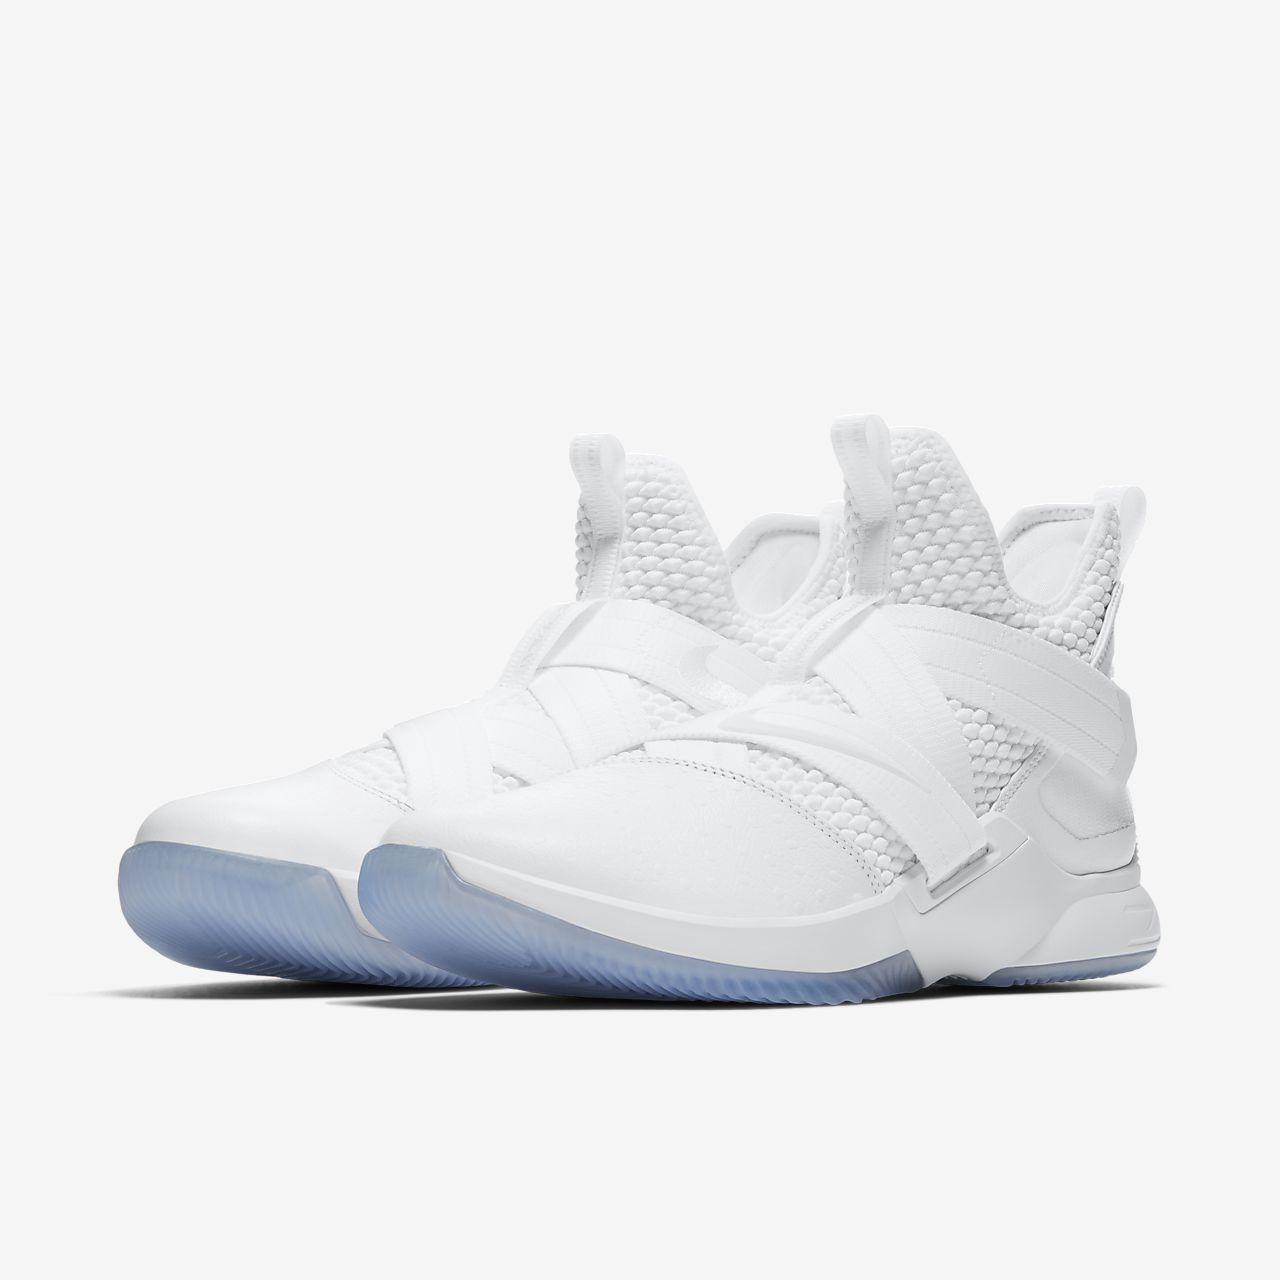 64cfcc7ca556a LeBron Soldier 12 SFG Zapatillas de baloncesto. Nike.com ES